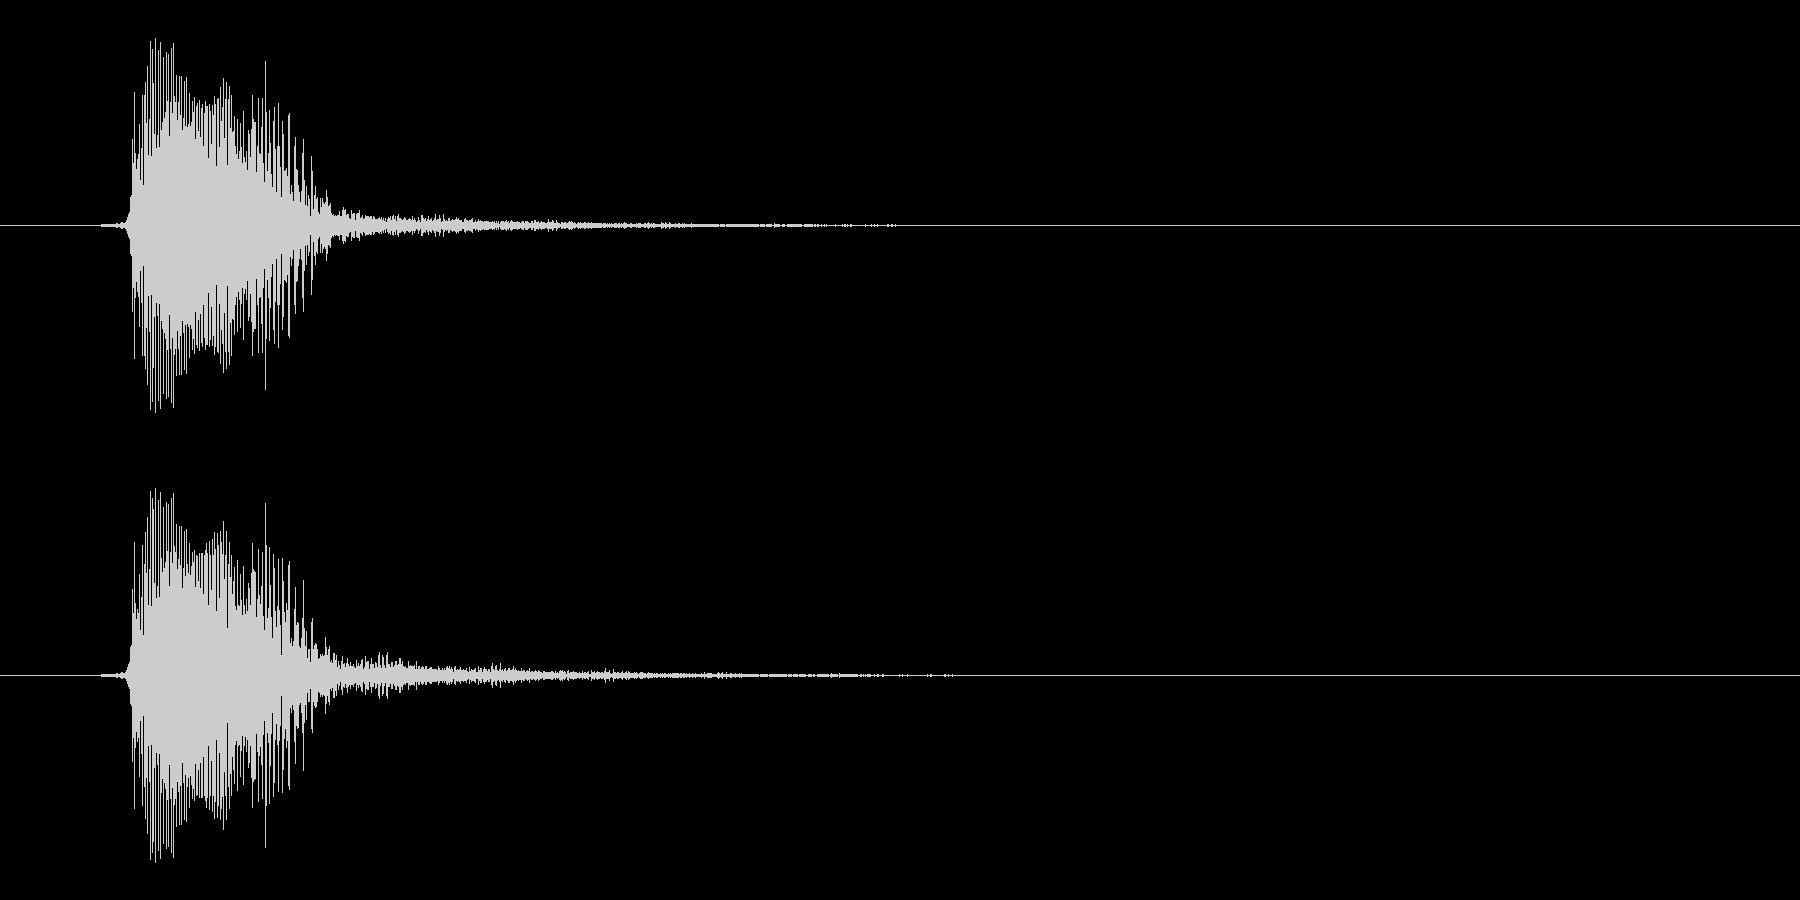 宇宙人ボイス的効果音。かわいい系。の未再生の波形